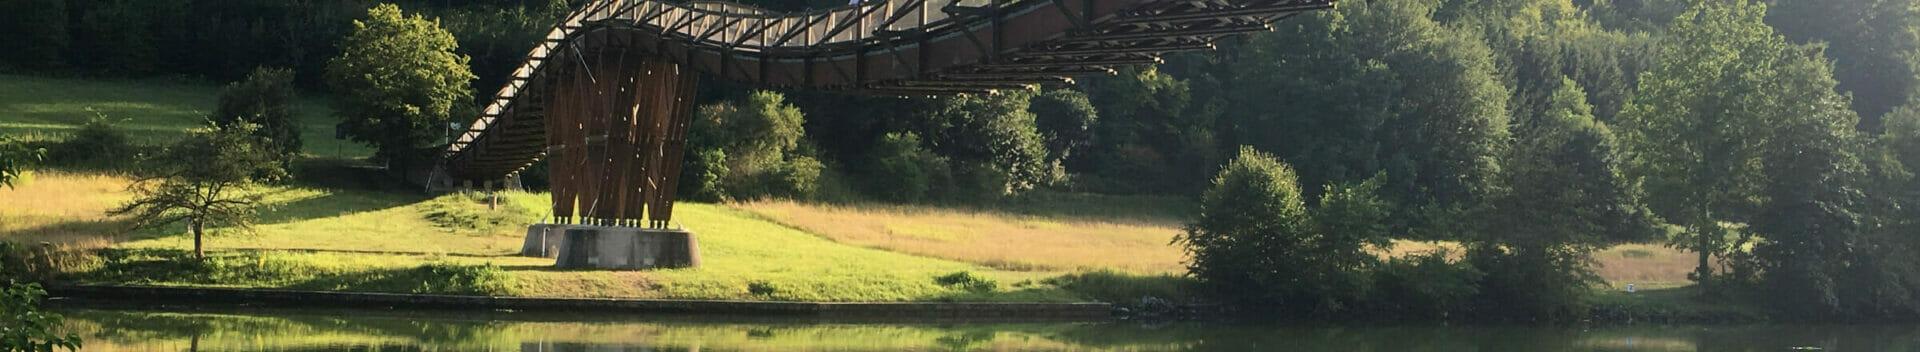 Altmühltalradweg Essing Holzbrücke